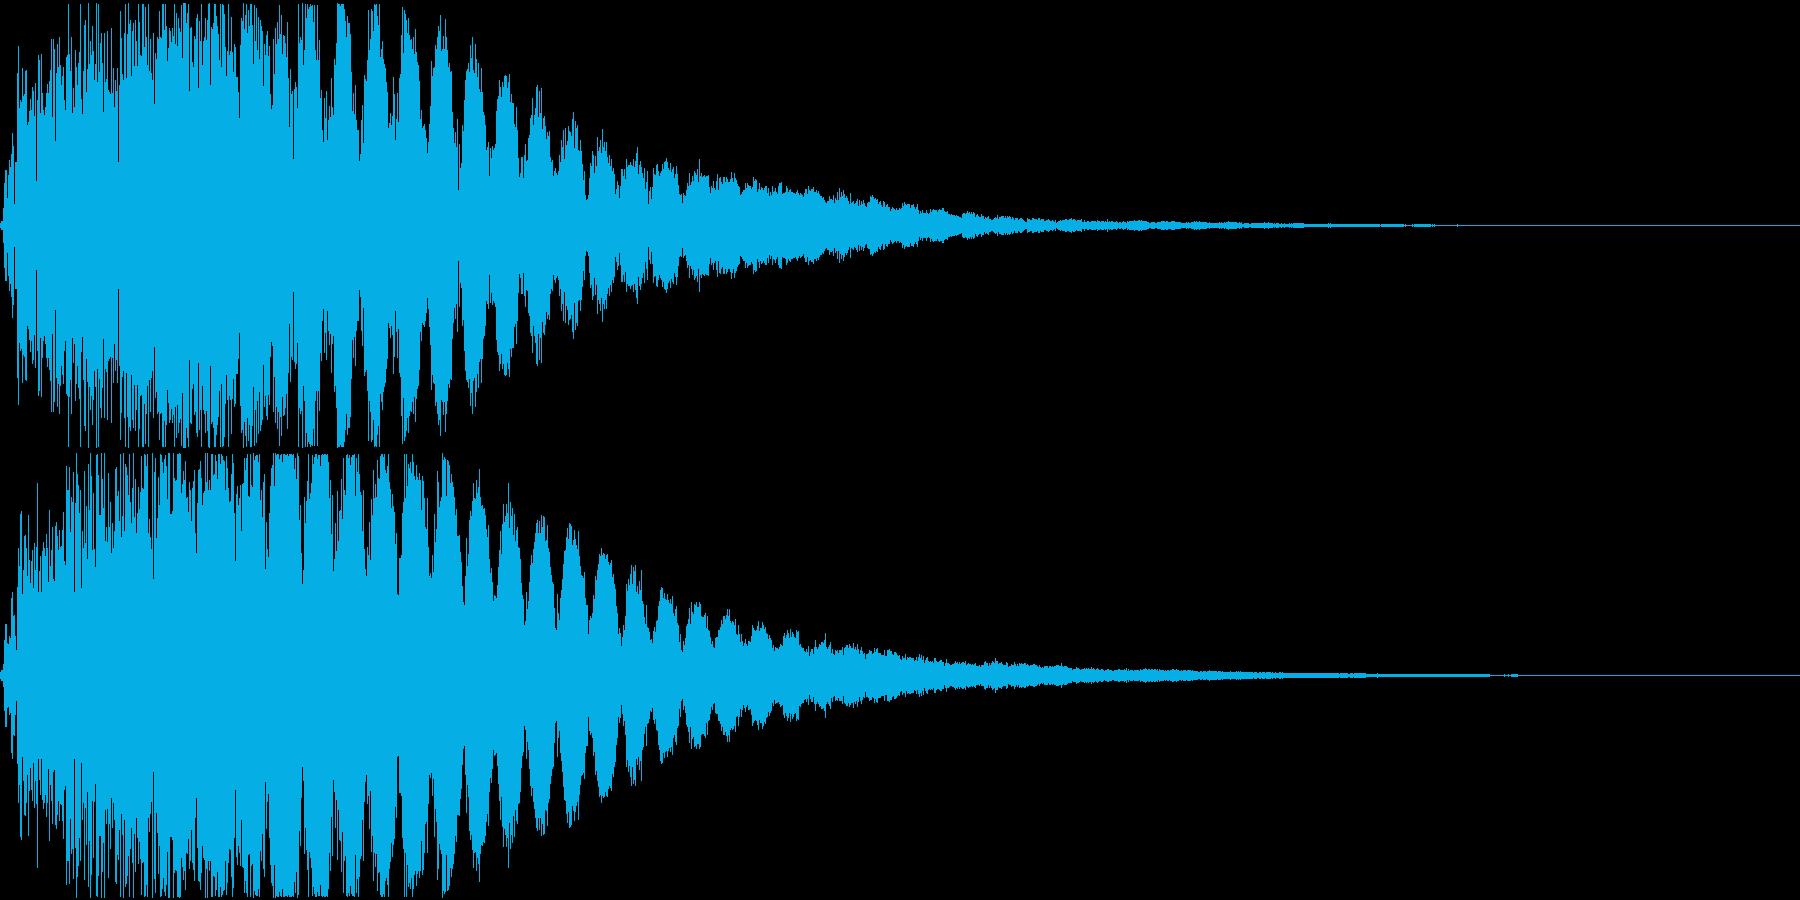 キュイン ギュイーン シャキーン 07の再生済みの波形